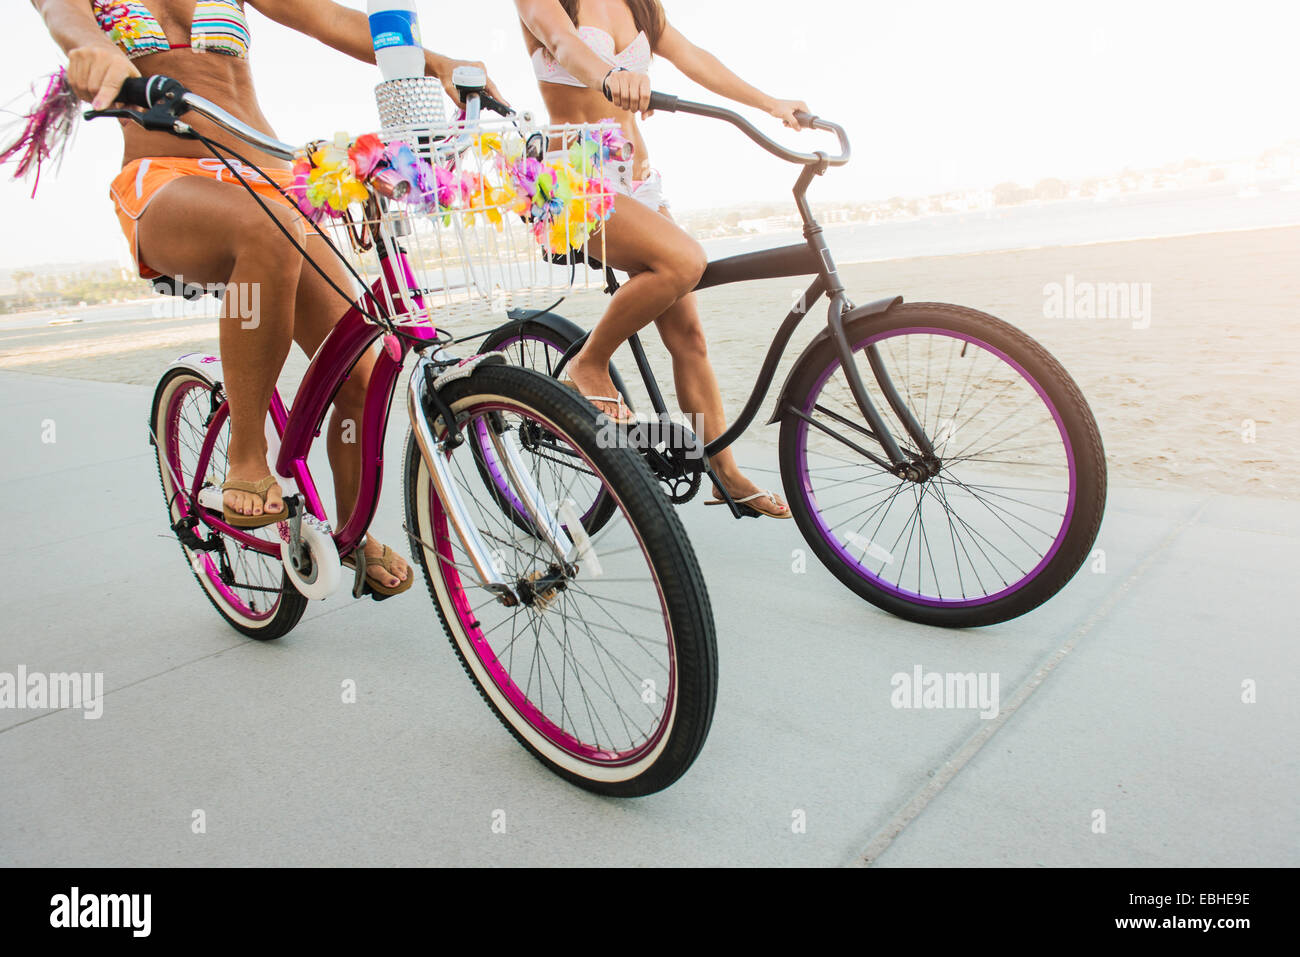 Con el cuello hacia abajo la vista de dos mujeres ciclistas en beach, Mission Bay, San Diego, California, EE.UU. Imagen De Stock